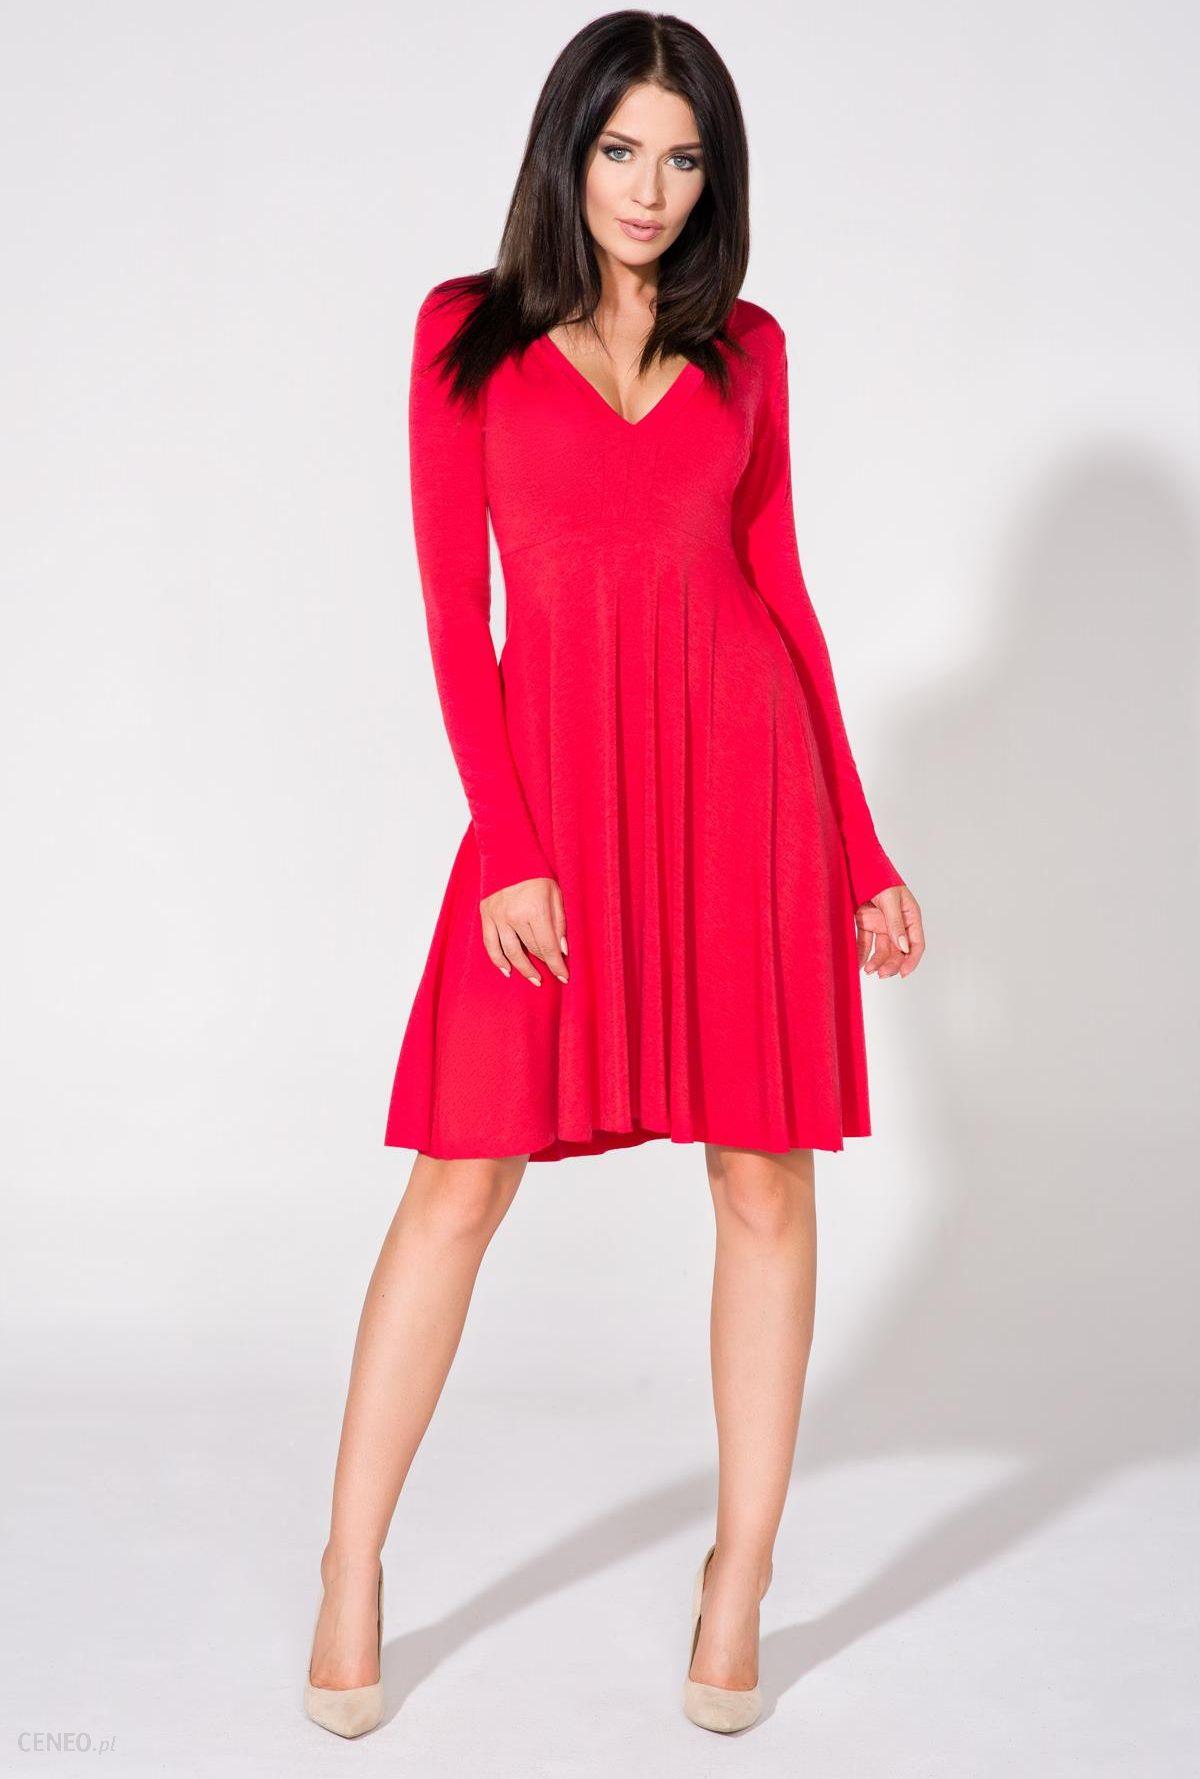 bc0a4c6b01 Rozkloszowana sukienka do kolan z długim rękawem czerwona T146 - zdjęcie 1